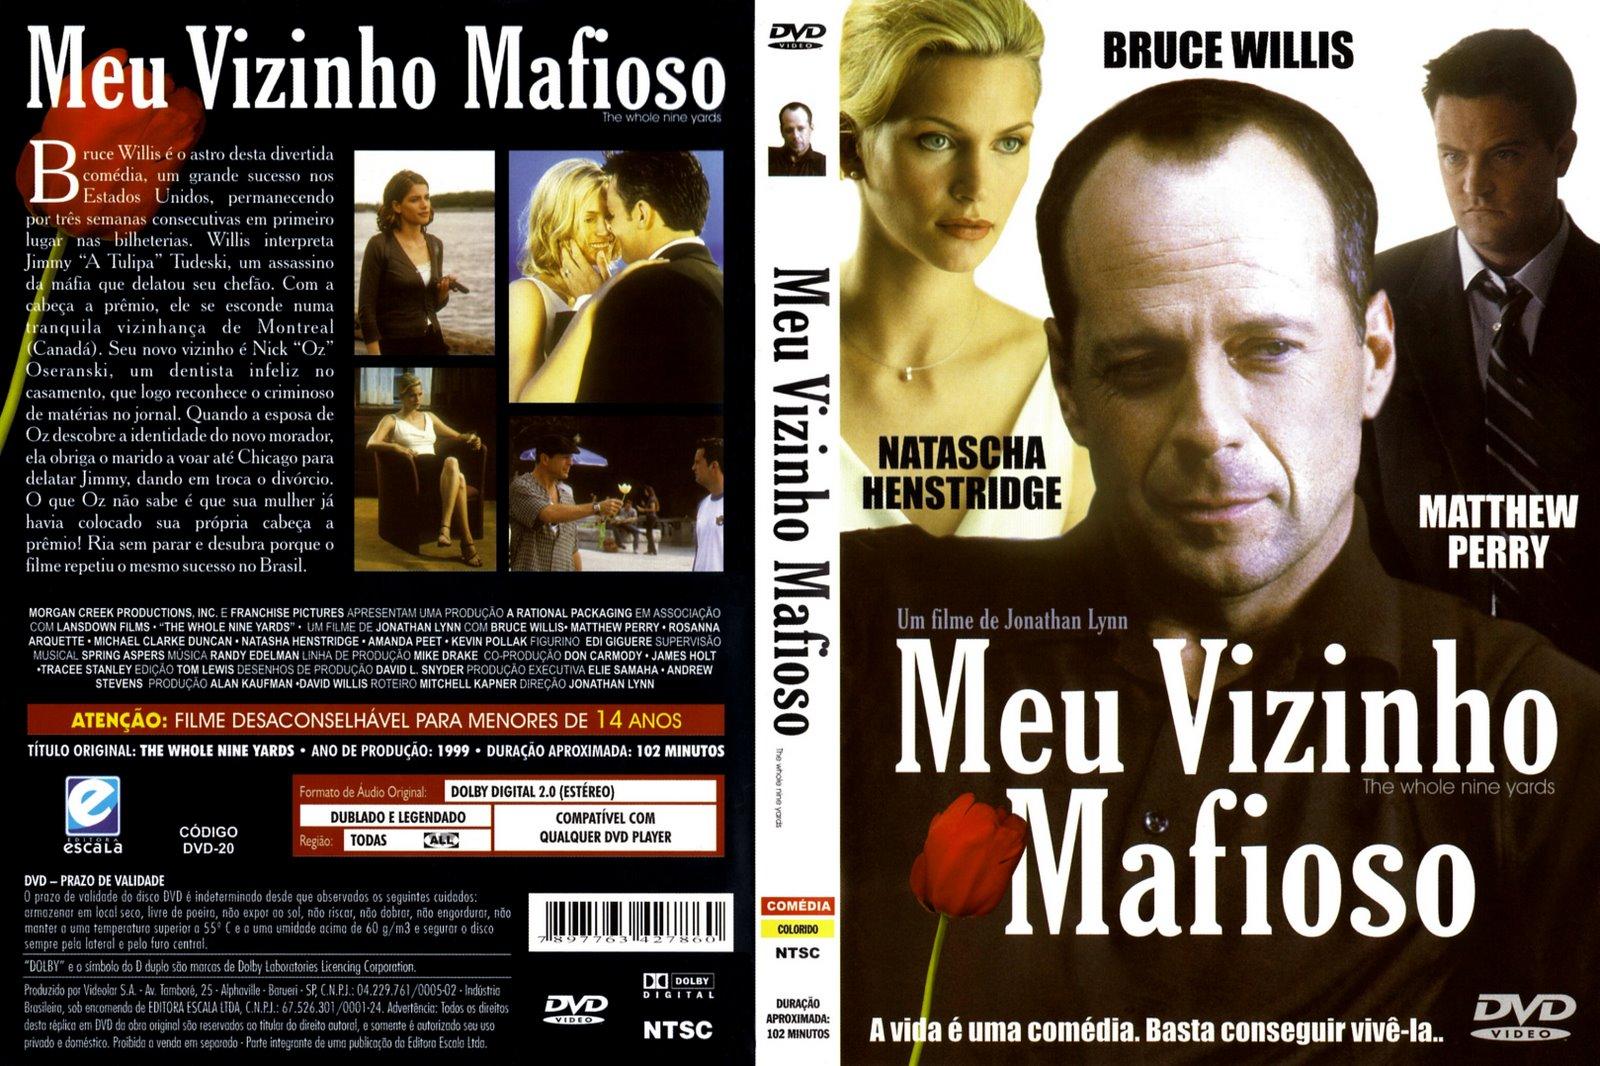 http://1.bp.blogspot.com/_ET4mSvvgIvQ/S83YP8e2exI/AAAAAAAAAEU/DOflYlxiZhM/s1600/Meu_Vizinho_Mafioso.jpg